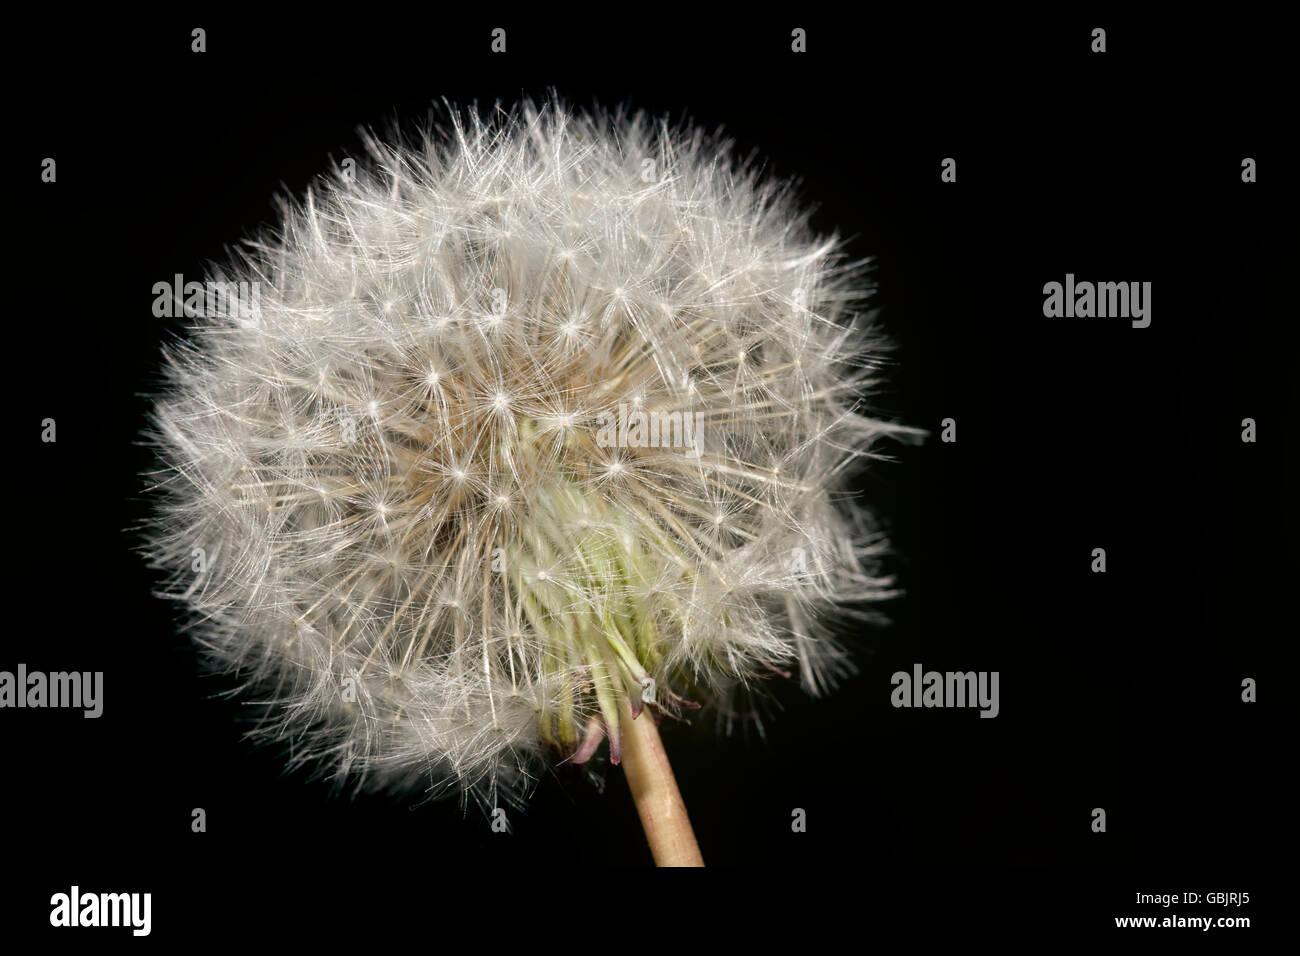 dandelion plant blowball dandelion blow ball fragility concept